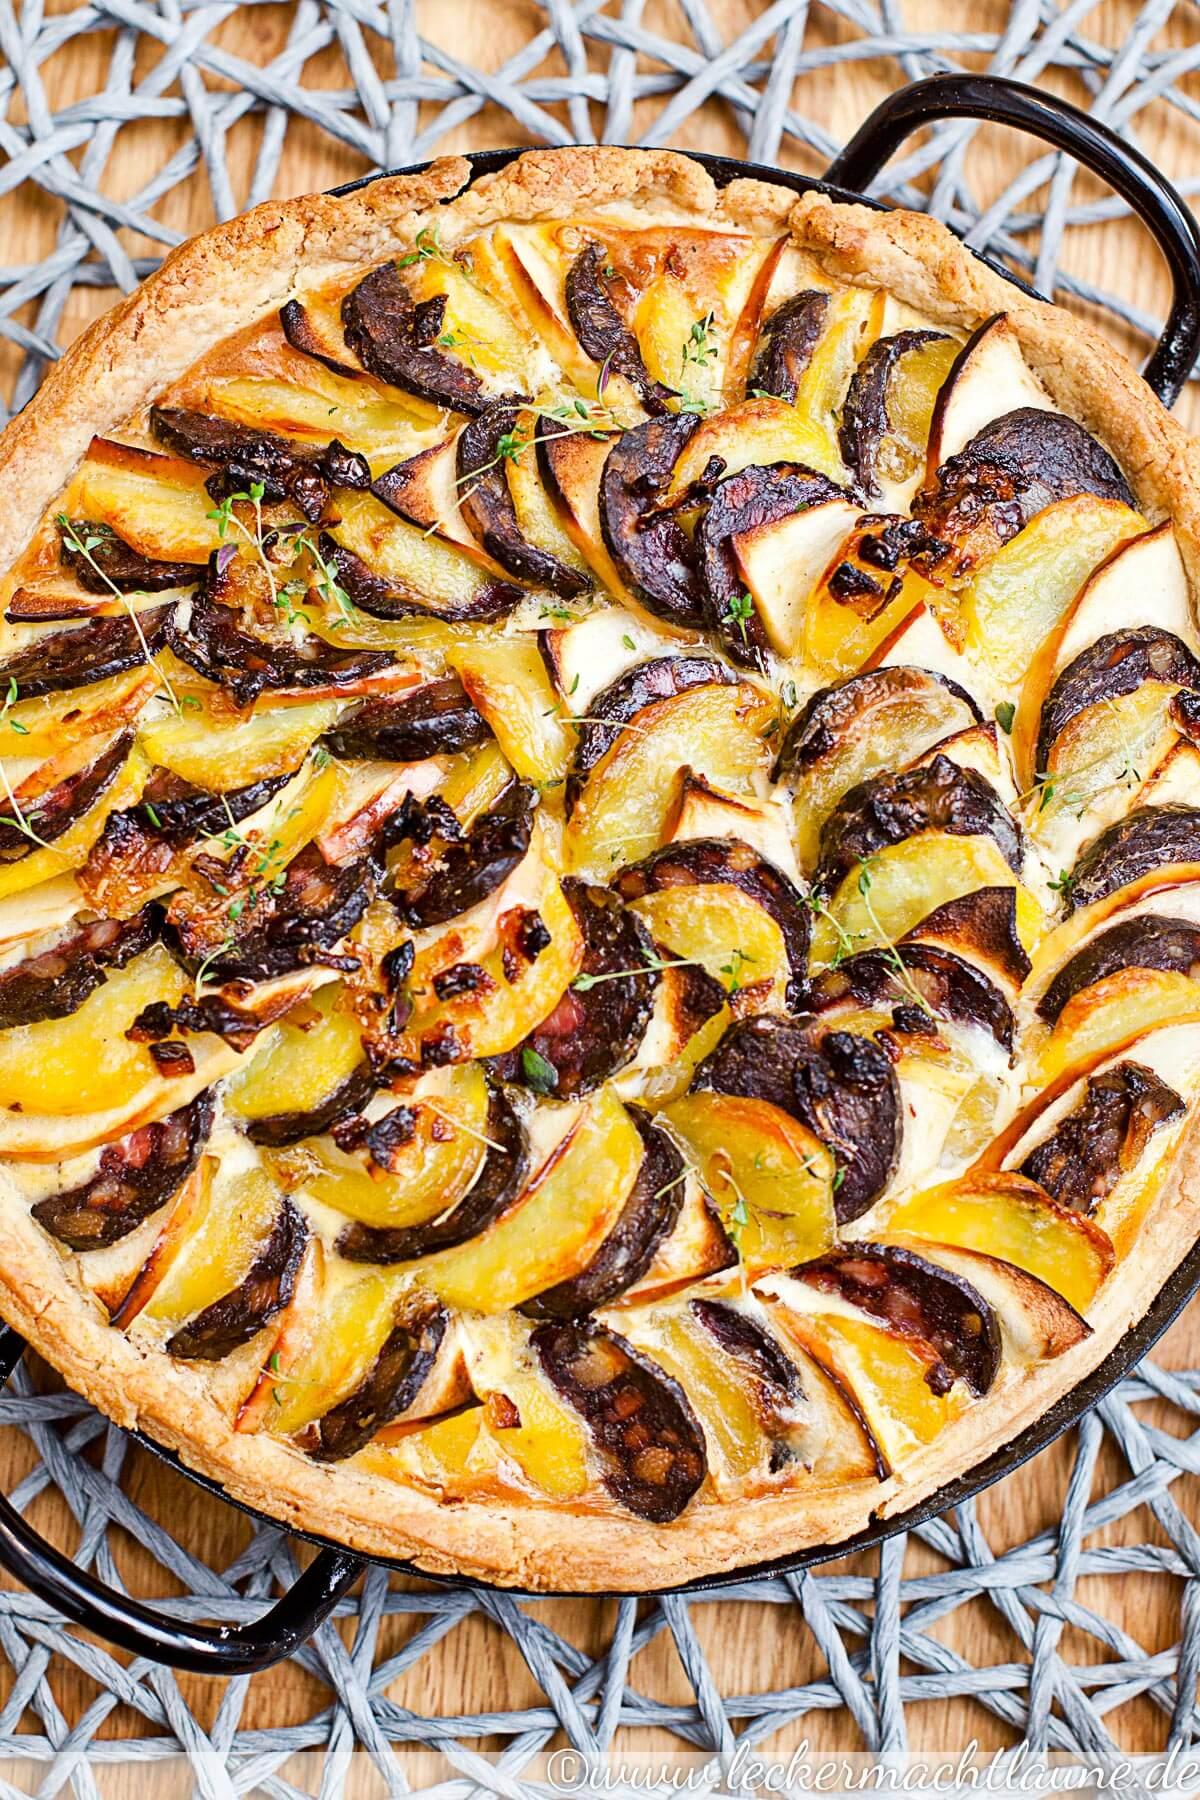 Kartoffel-Tarte mit Apfel und Schwarzwurst